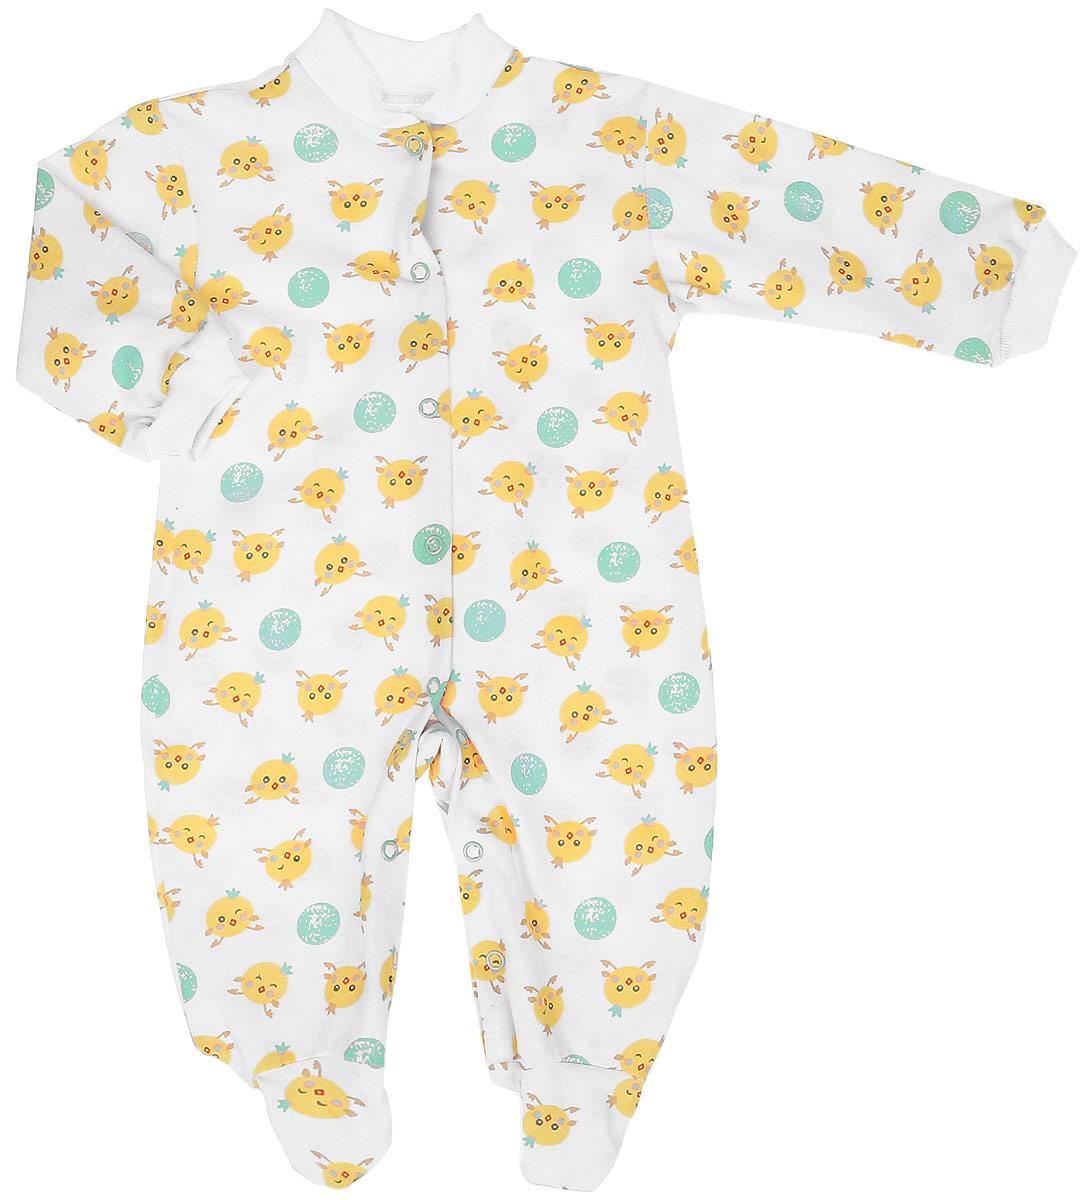 Комбинезон детский Чудесные одежки, цвет: белый, салатовый. 5801. Размер 925801Удобный детский комбинезон Чудесные одежки выполнен из натурального хлопка.Комбинезон с небольшим воротником-стойкой, длинными рукавами и закрытыми ножками имеет застежки-кнопки спереди и на ластовице, которые помогают легко переодеть младенца или сменить подгузник. Воротничок и манжеты на рукавах выполнены из трикотажной эластичной резинки. Изделие оформлено принтом с изображением цыплят.